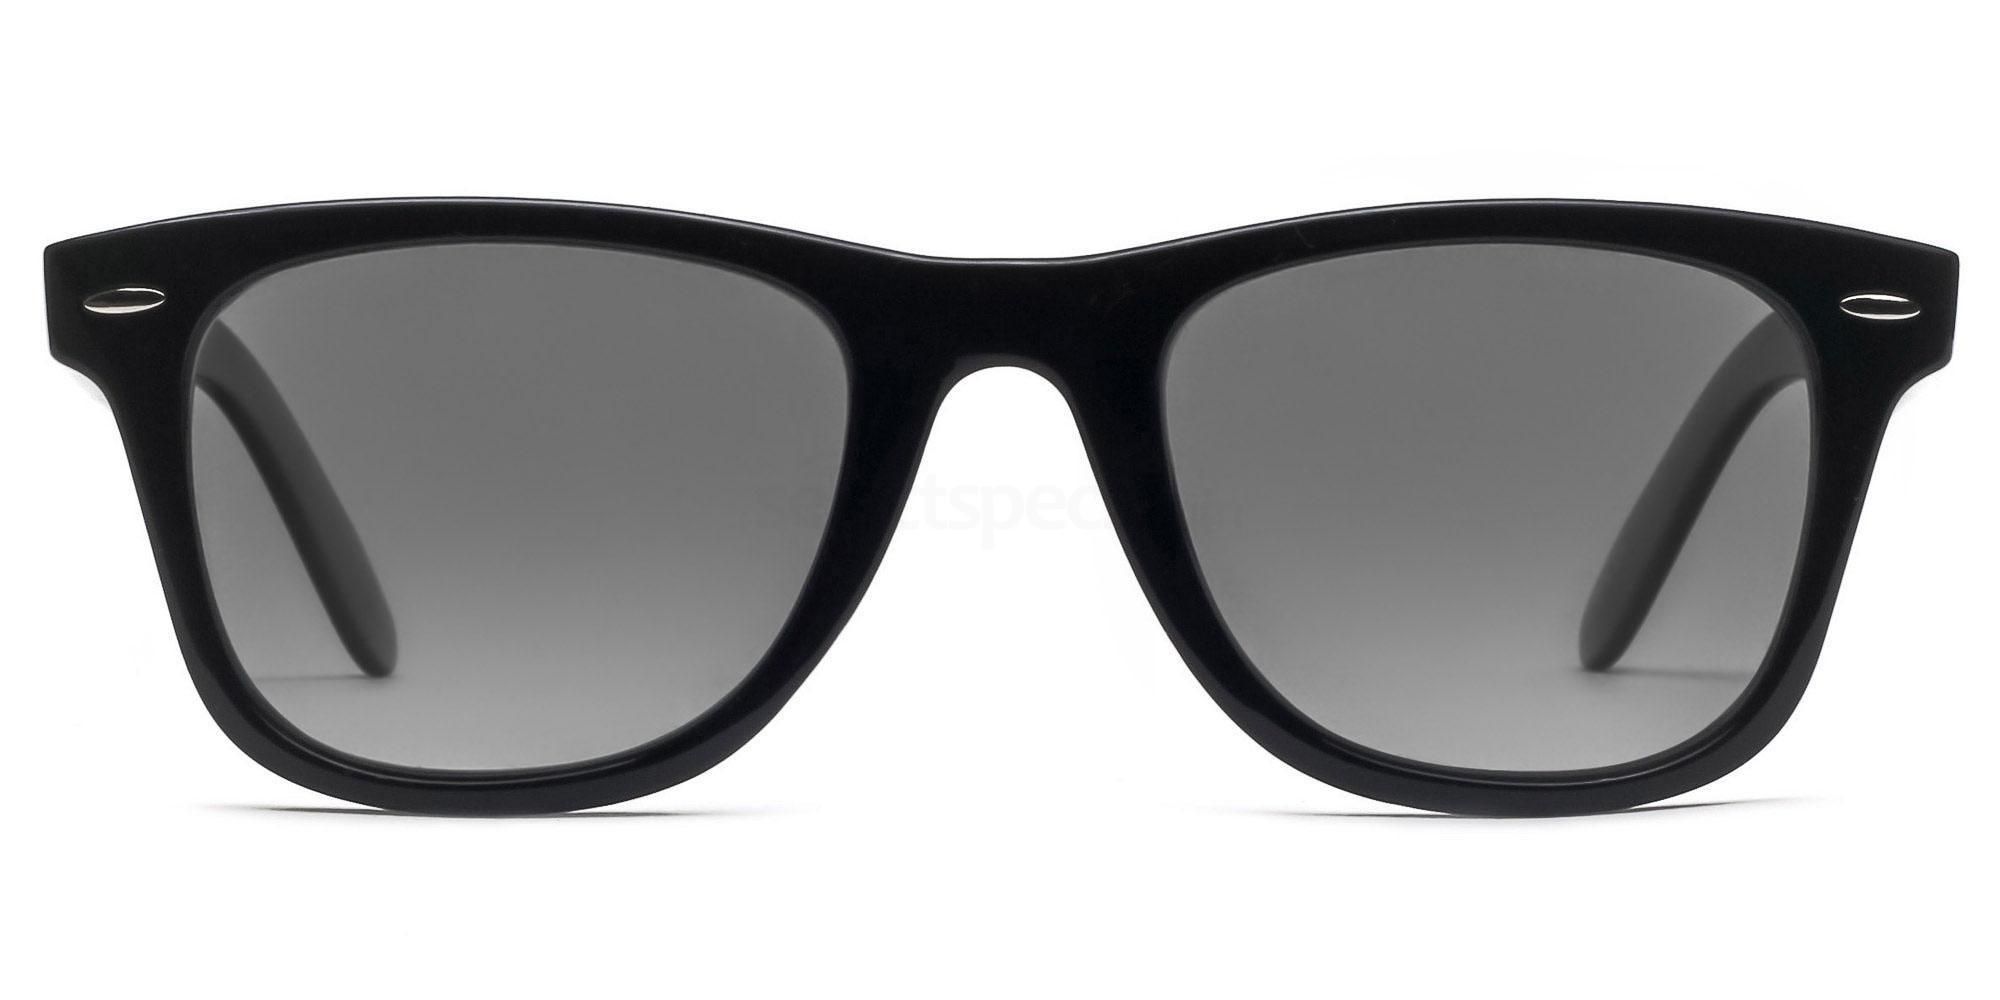 Savannah P2429 sunglasses